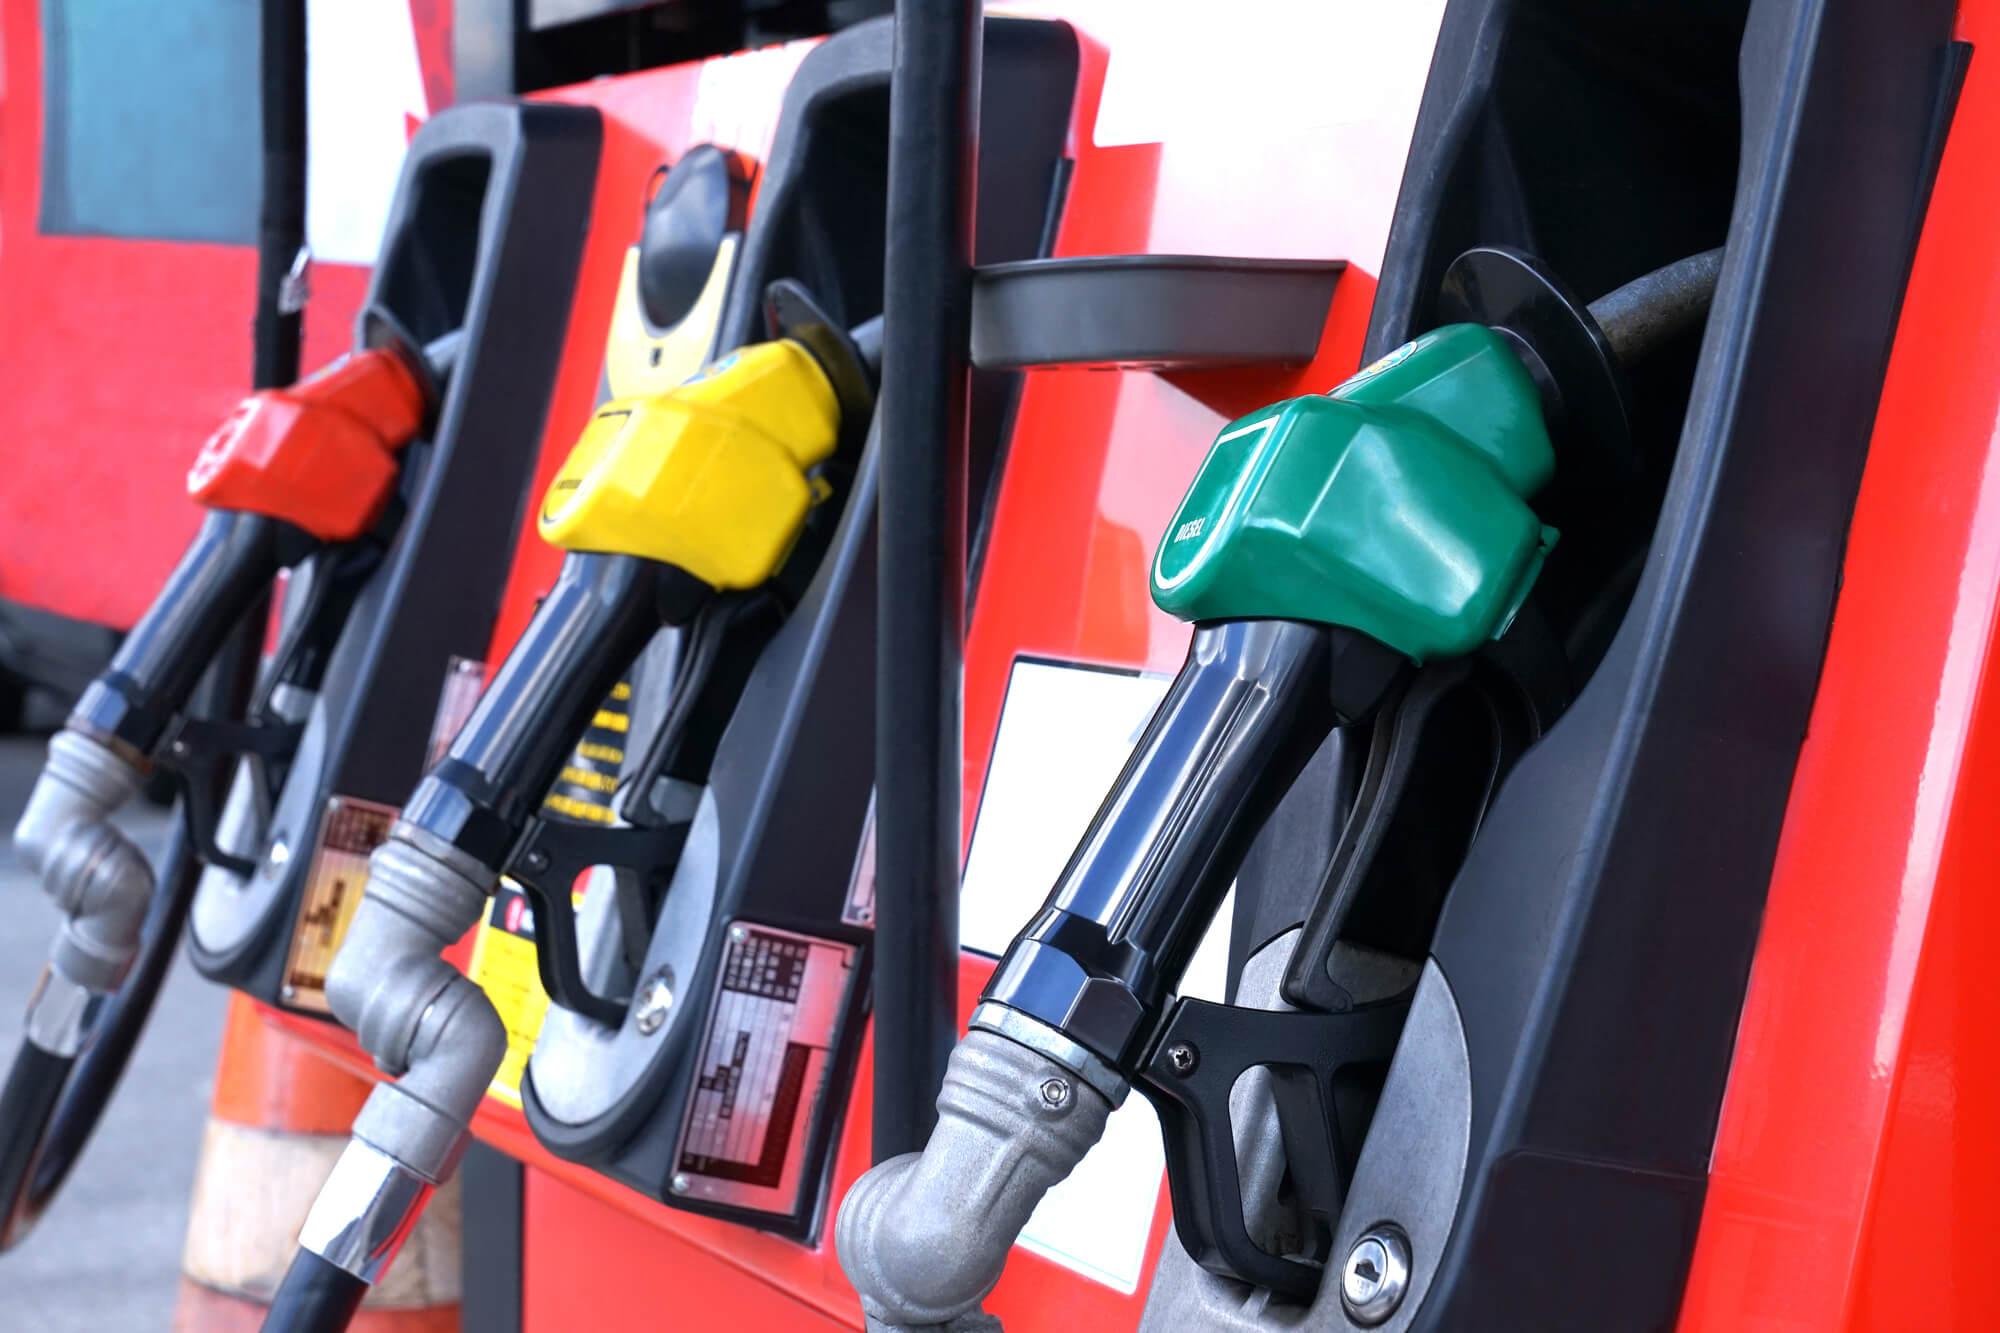 「ガソリン」の画像検索結果